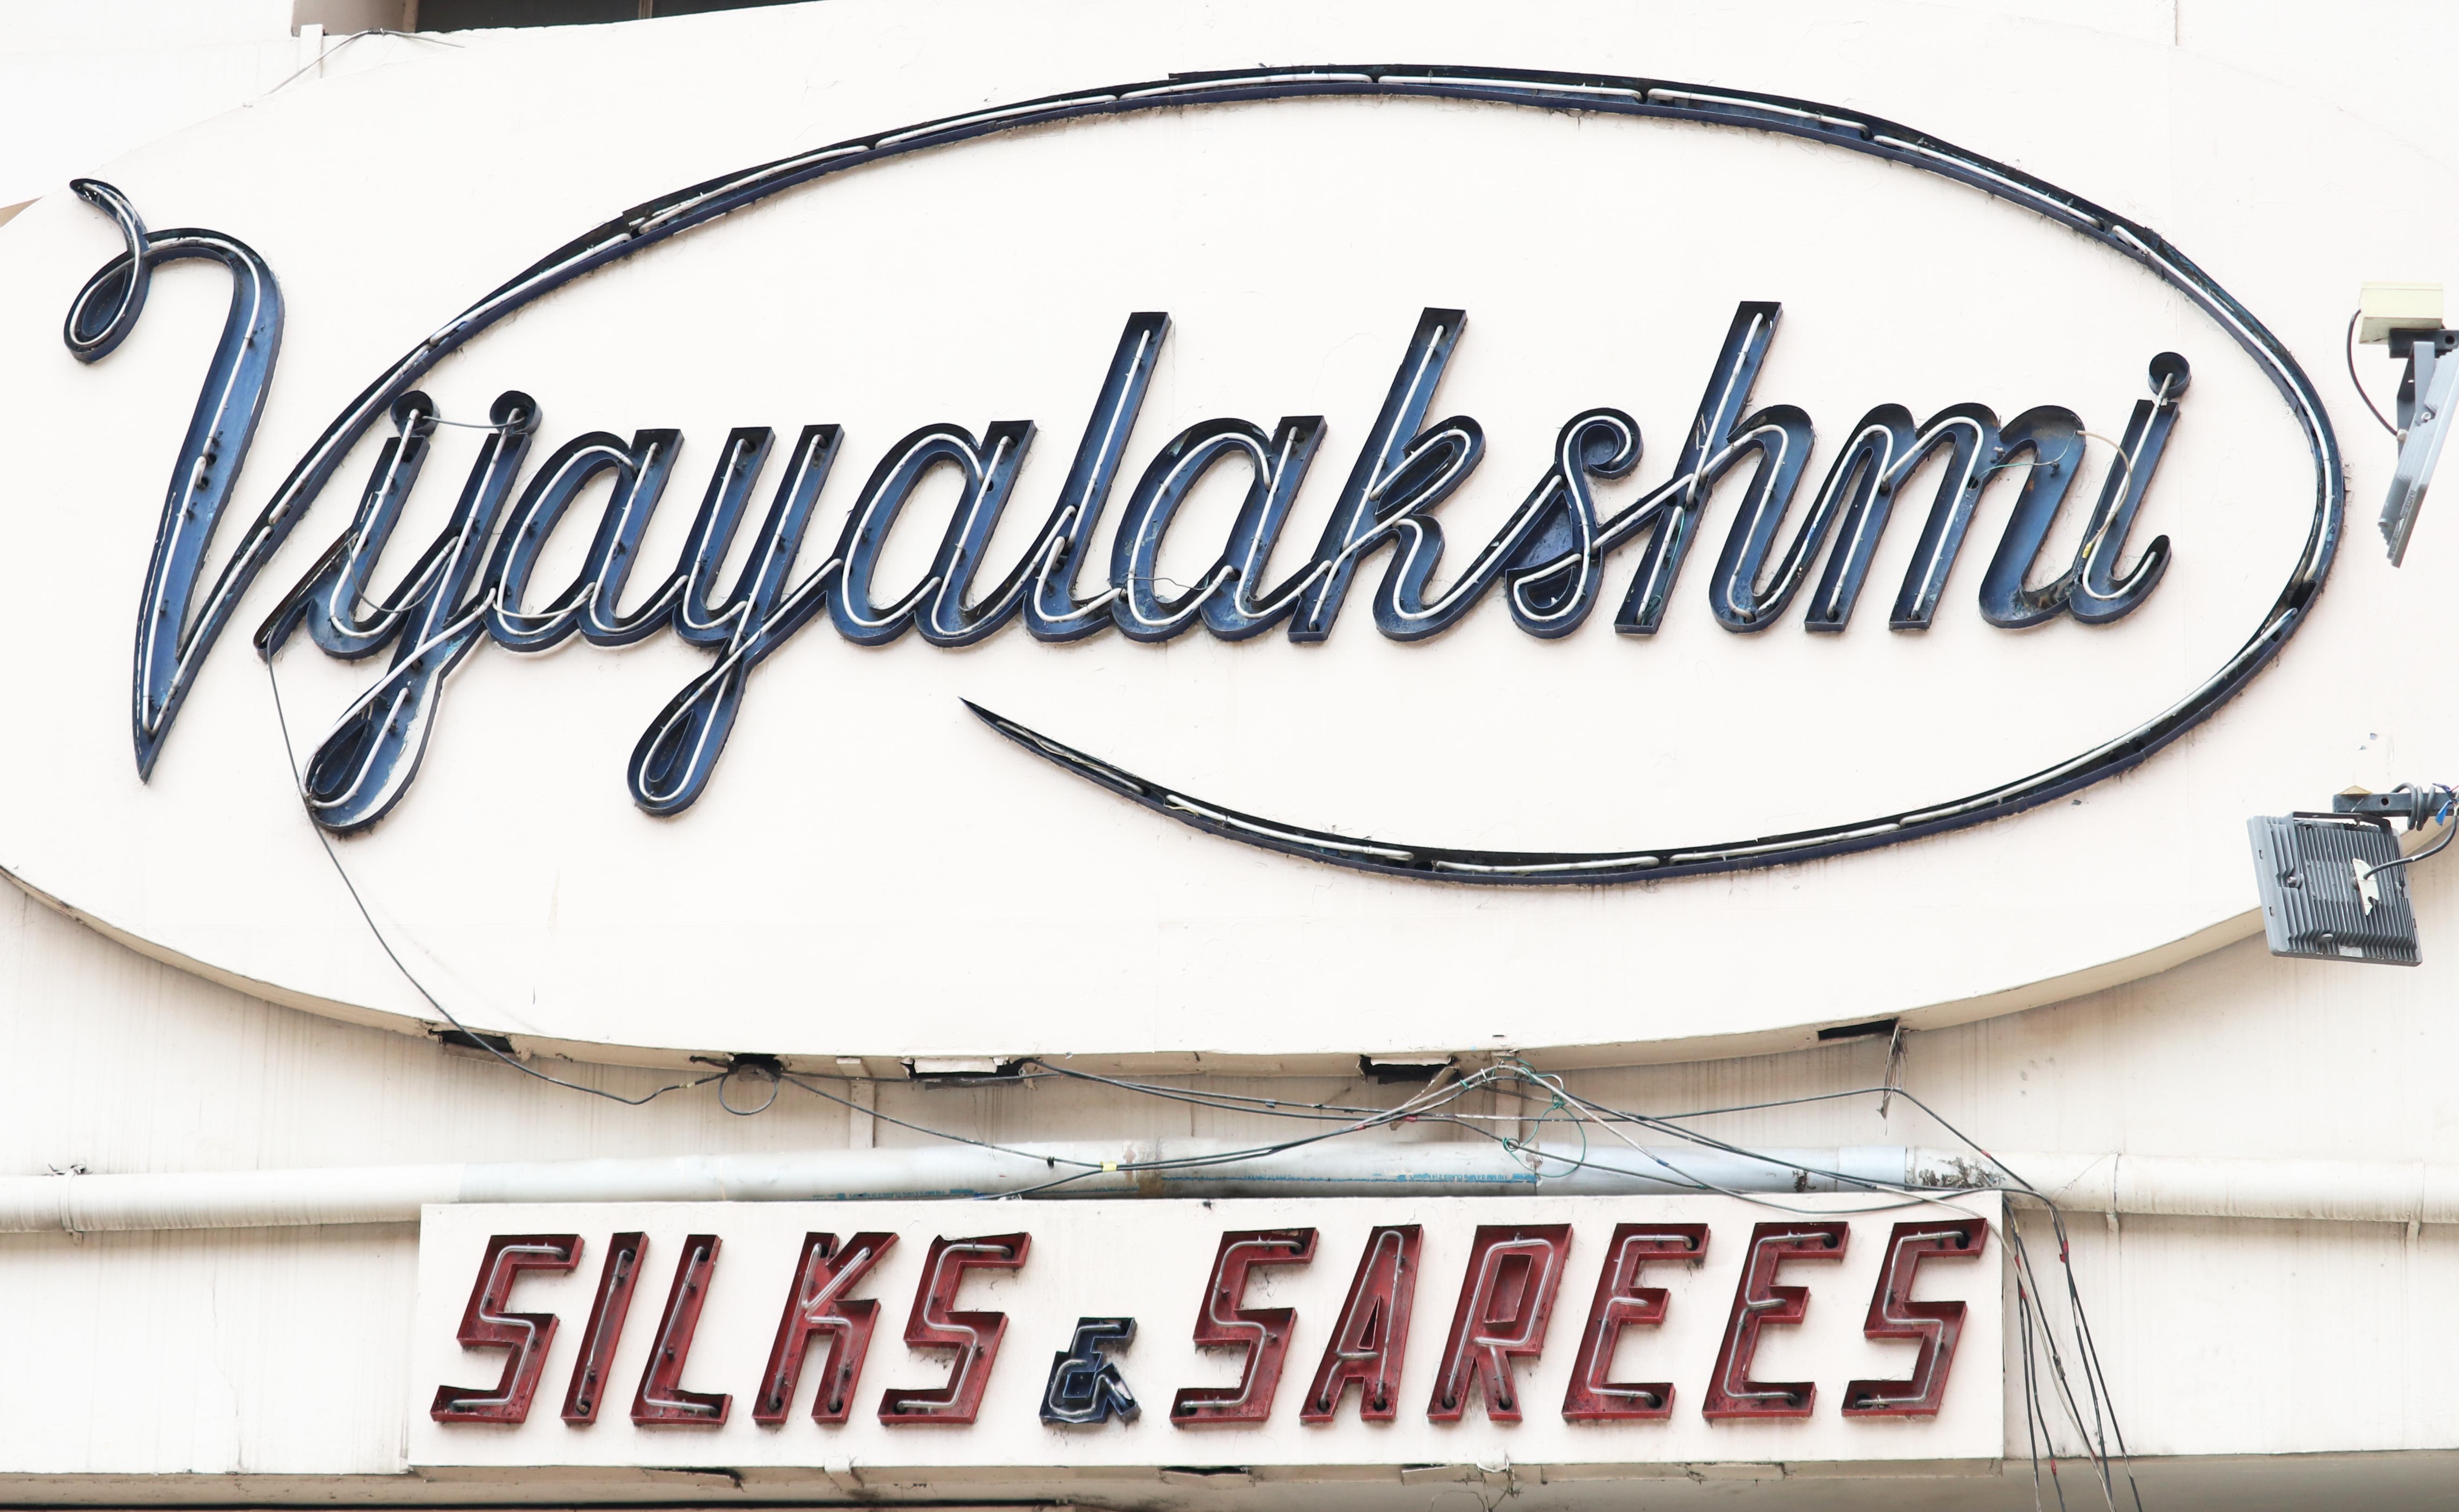 Vijayalakshmi Silks & Sarees